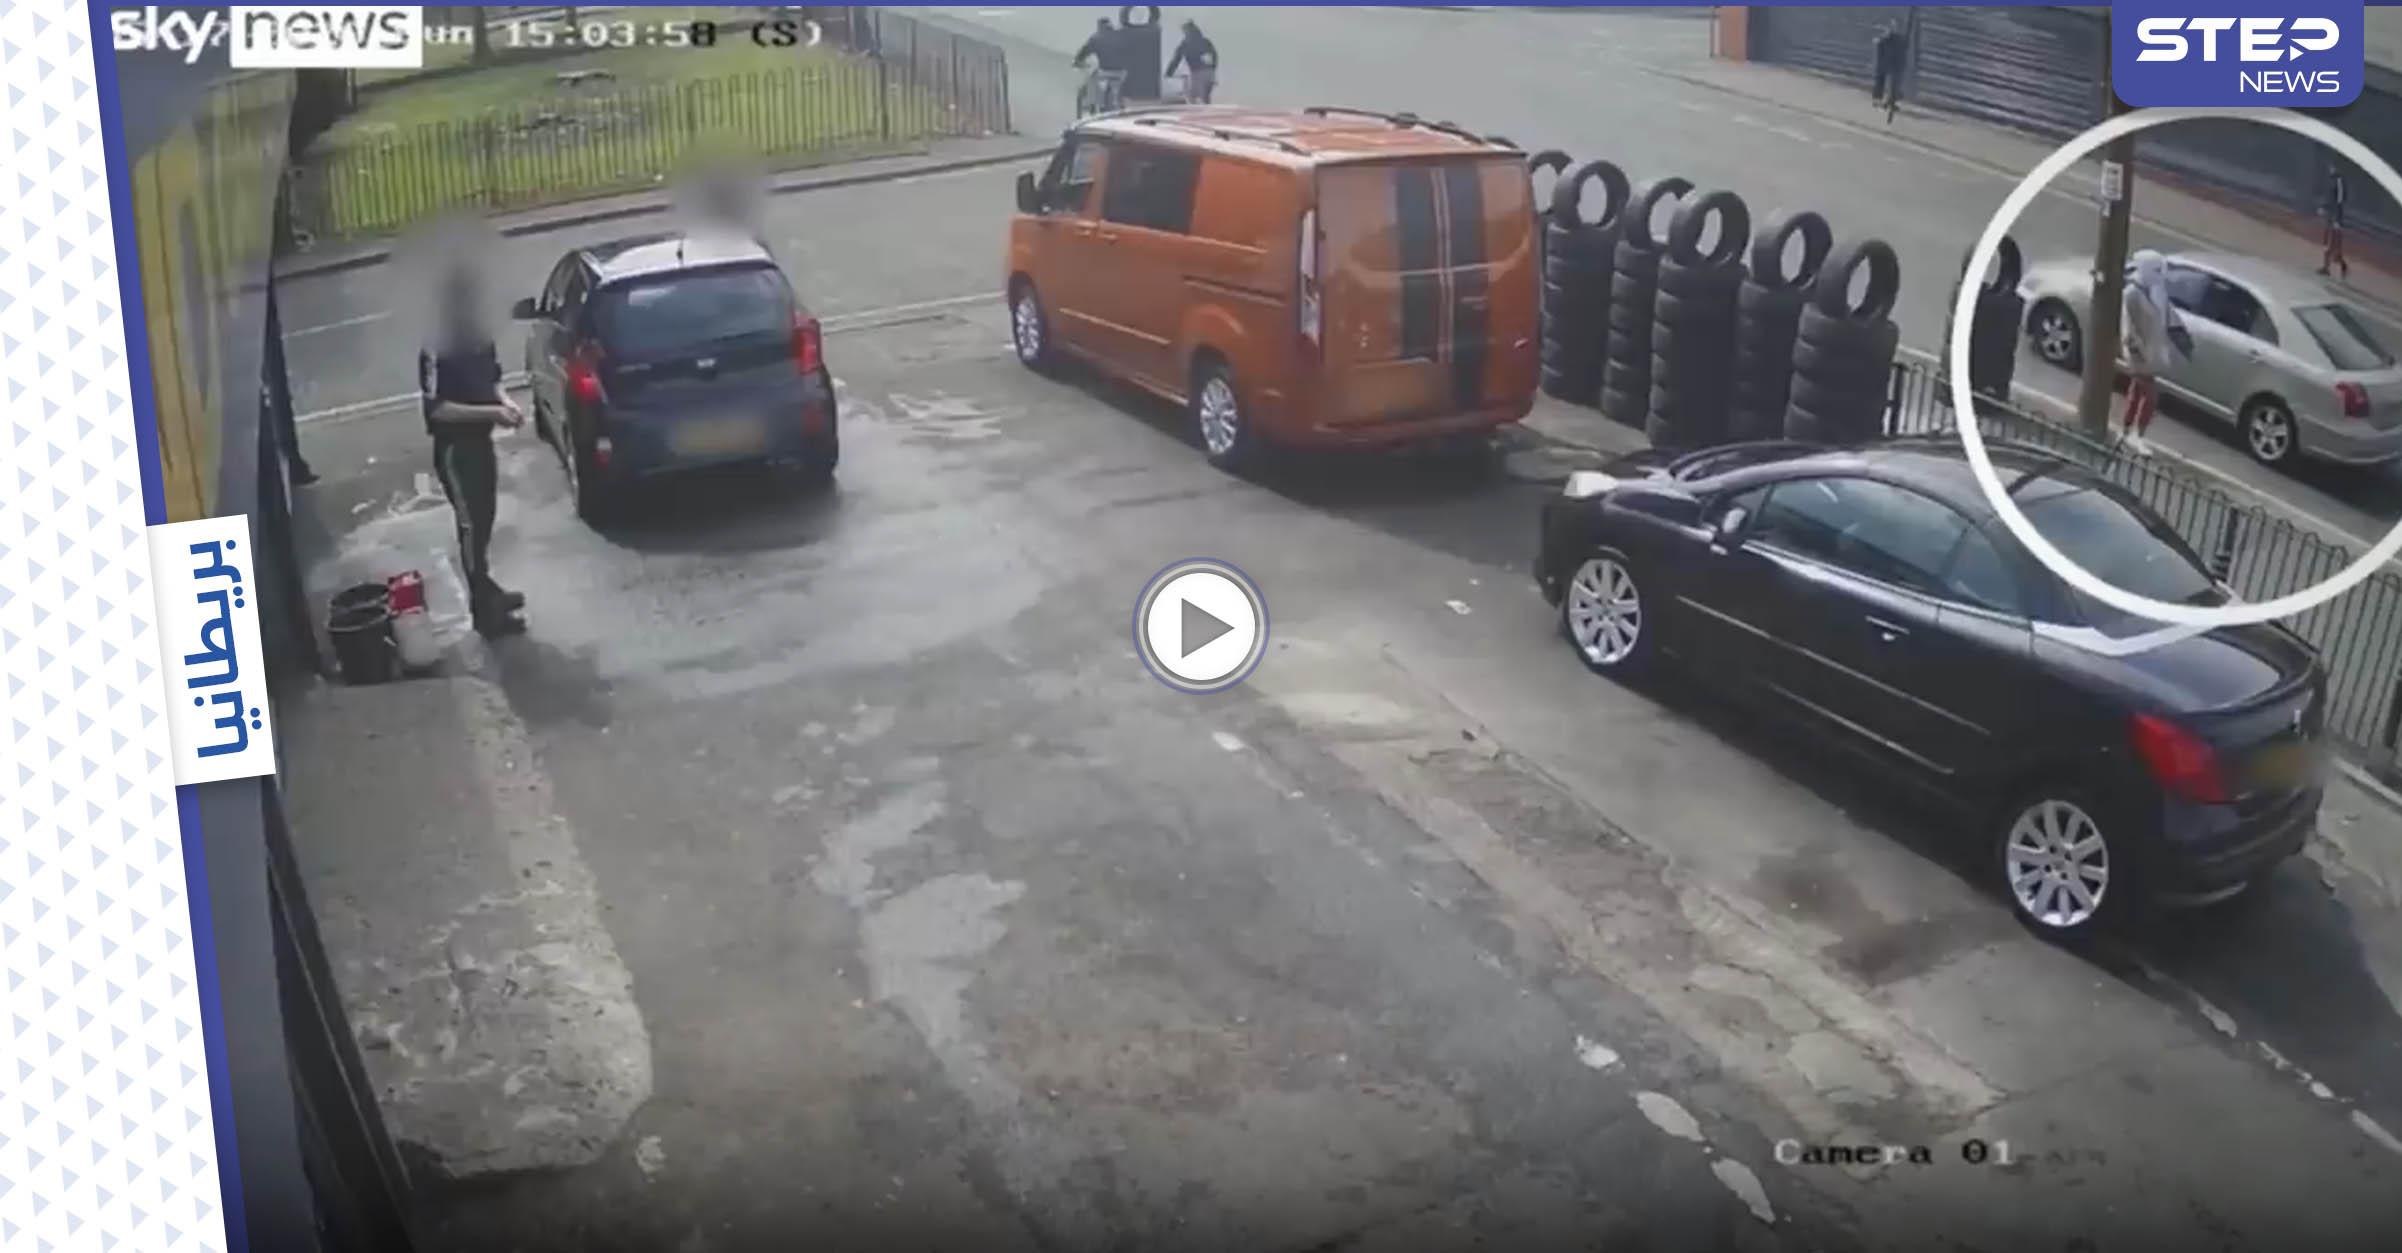 فيديو مرعب يوثق لحظات مقتل الطالبة المسلمة آية هشام في أحد شوارع بريطانيا